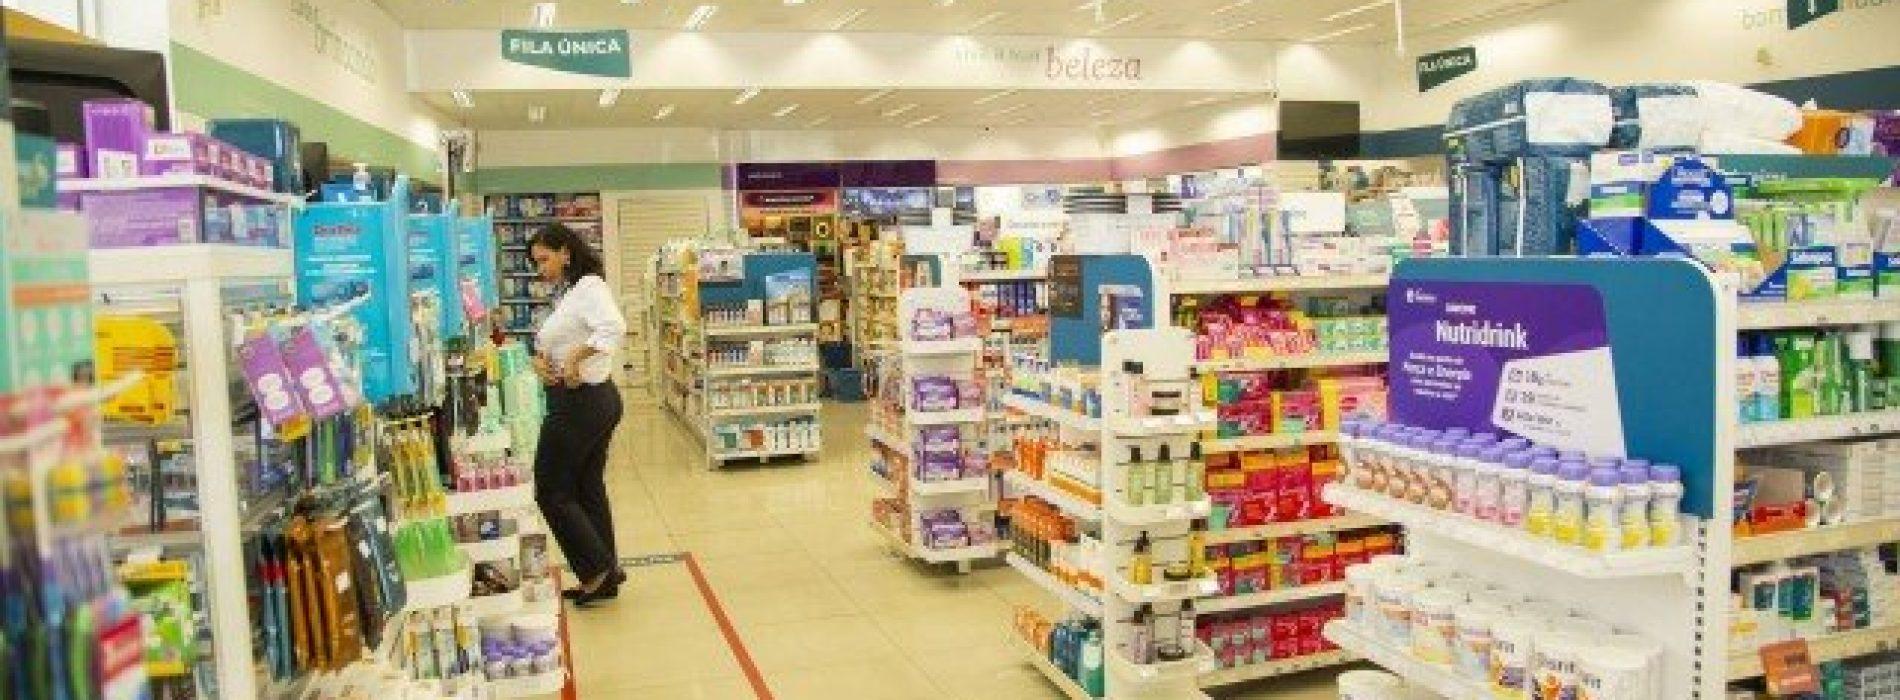 Farmácias atraem classes C e D com marcas próprias